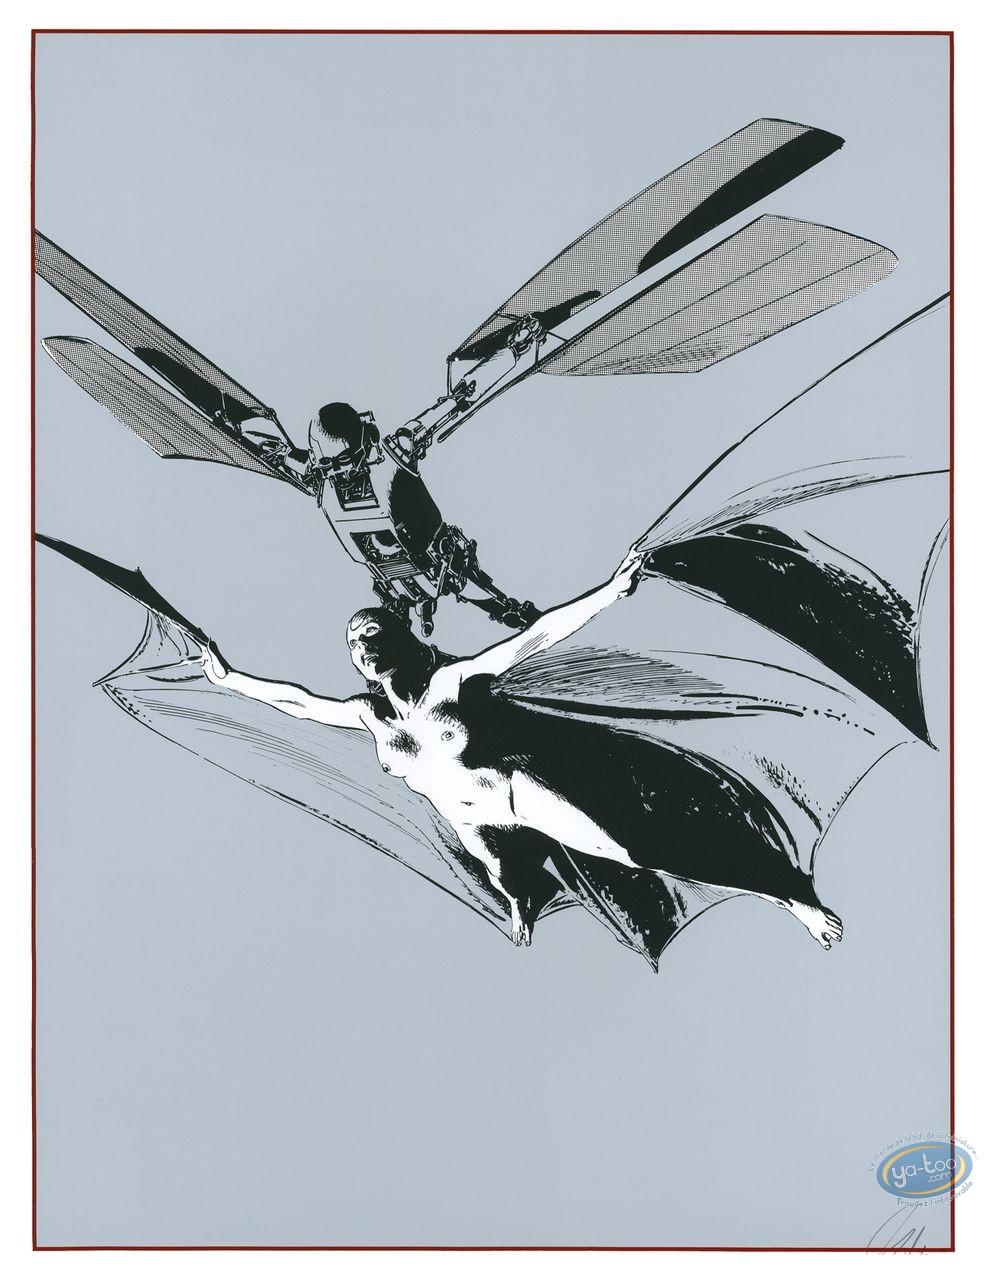 Affiche Sérigraphie, Chants Magnétiques : Chants Magnétiques Vol Nuptial